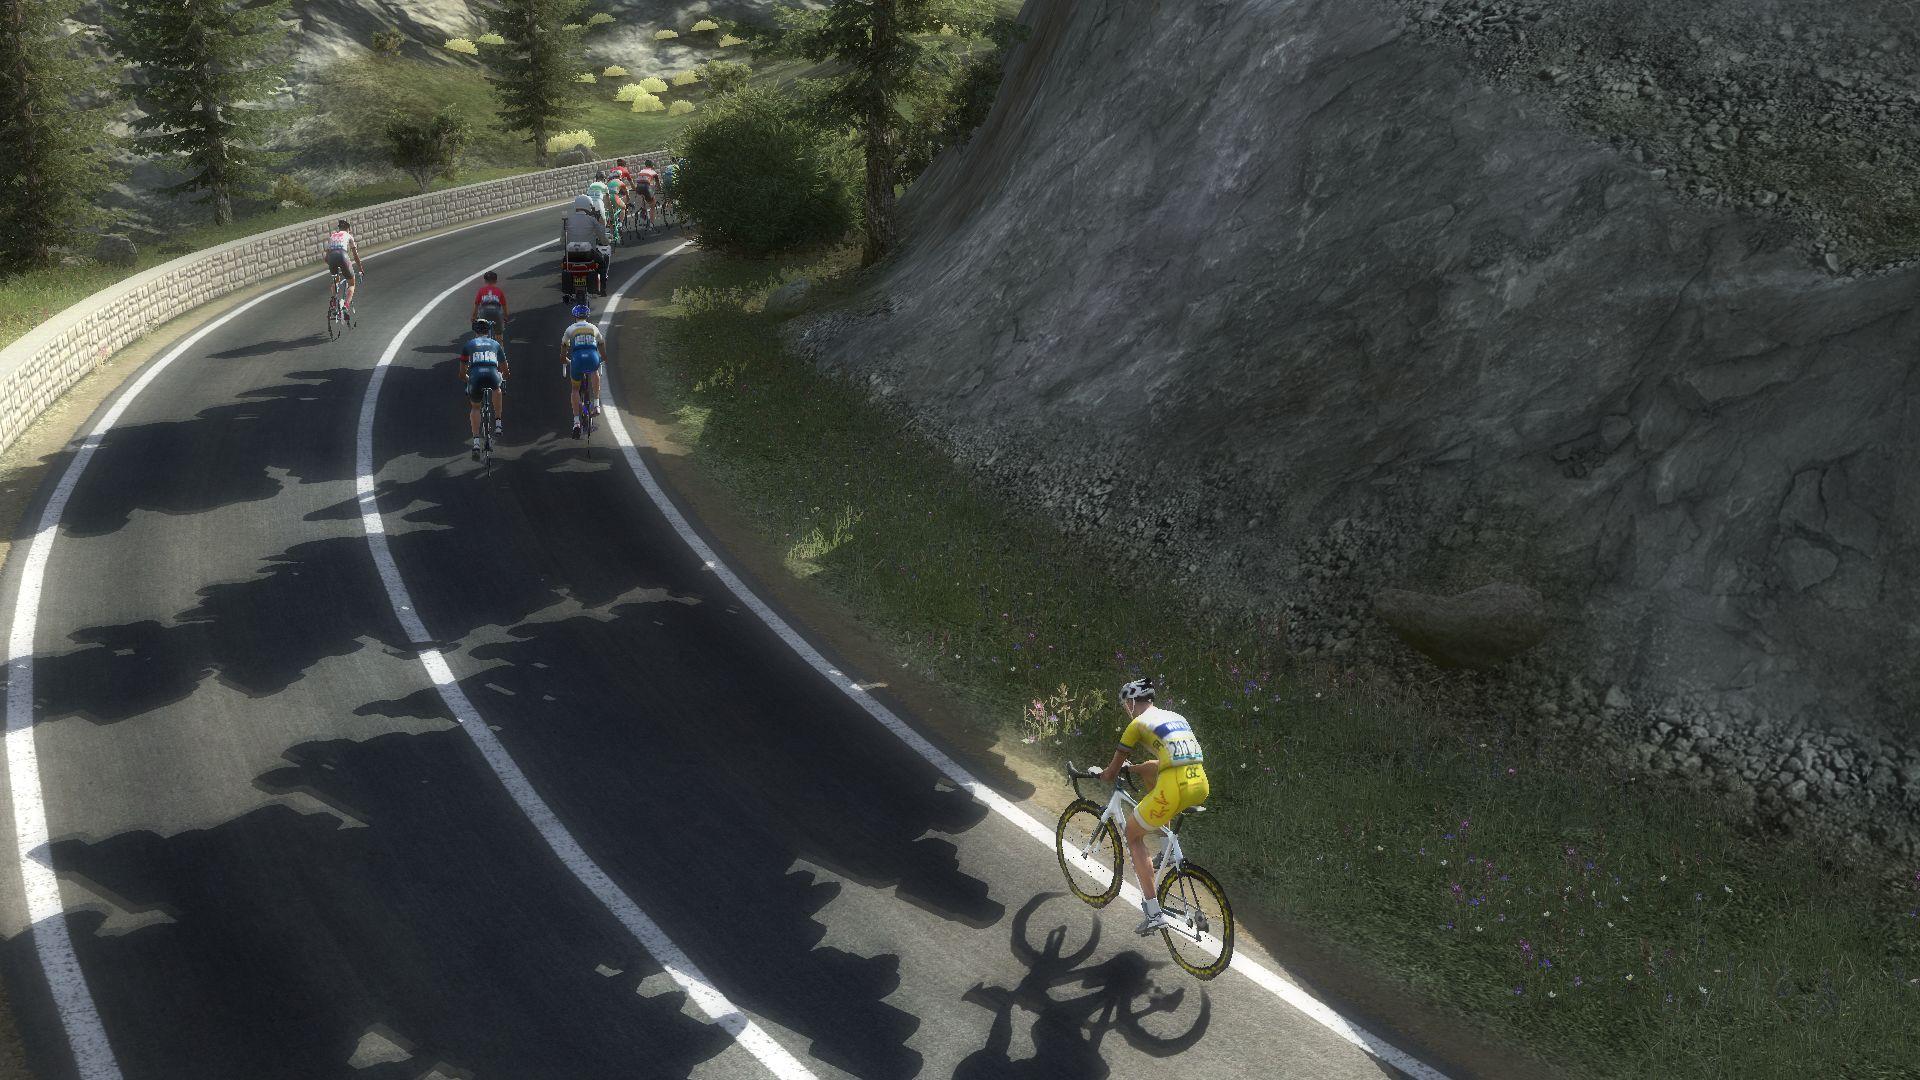 pcmdaily.com/images/mg/2020/Reports/C1/Andorra/TdAS5%2012.jpg